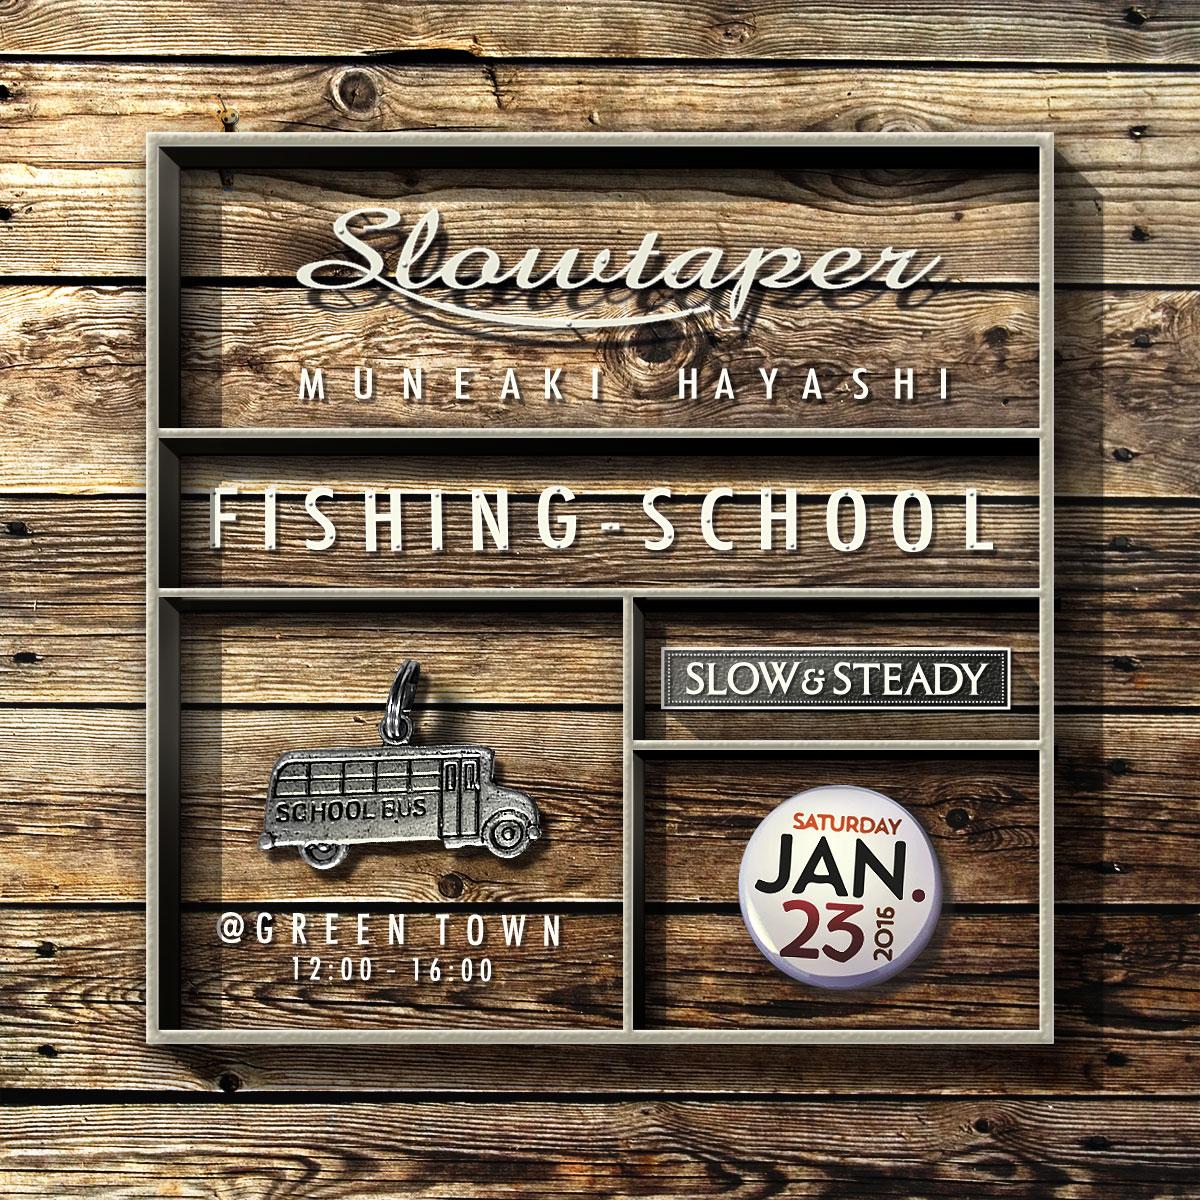 Slowtaper -MUNEAKI HAYASHI- FISHING SCHOOL